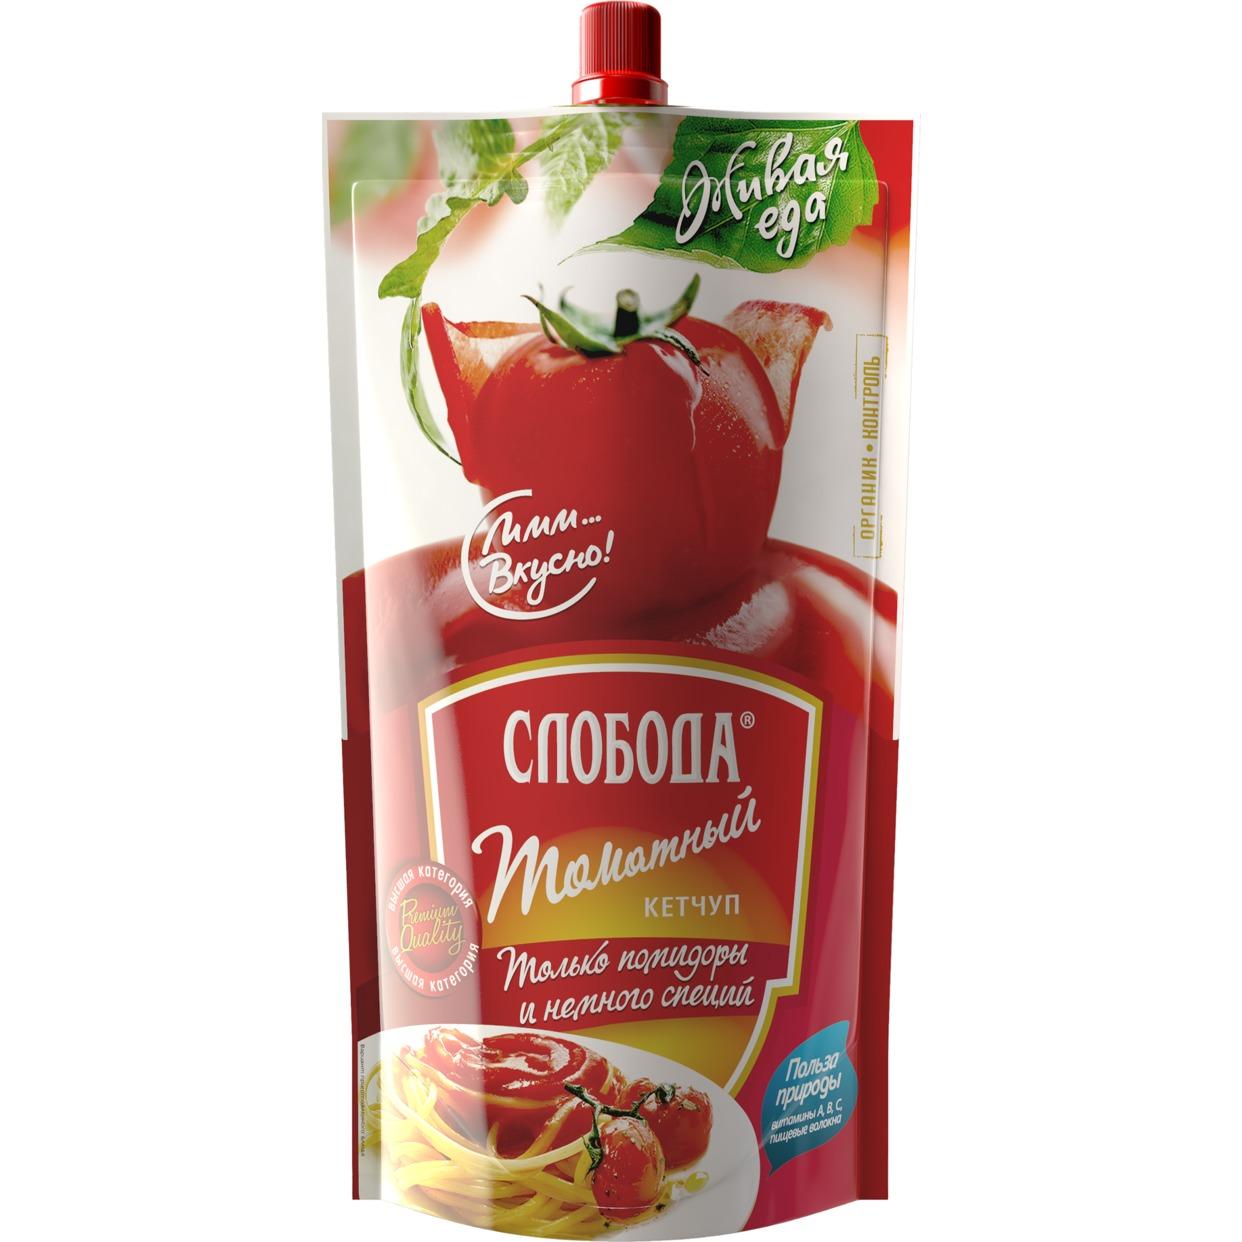 Кетчуп Слобода, томатный, 350 г